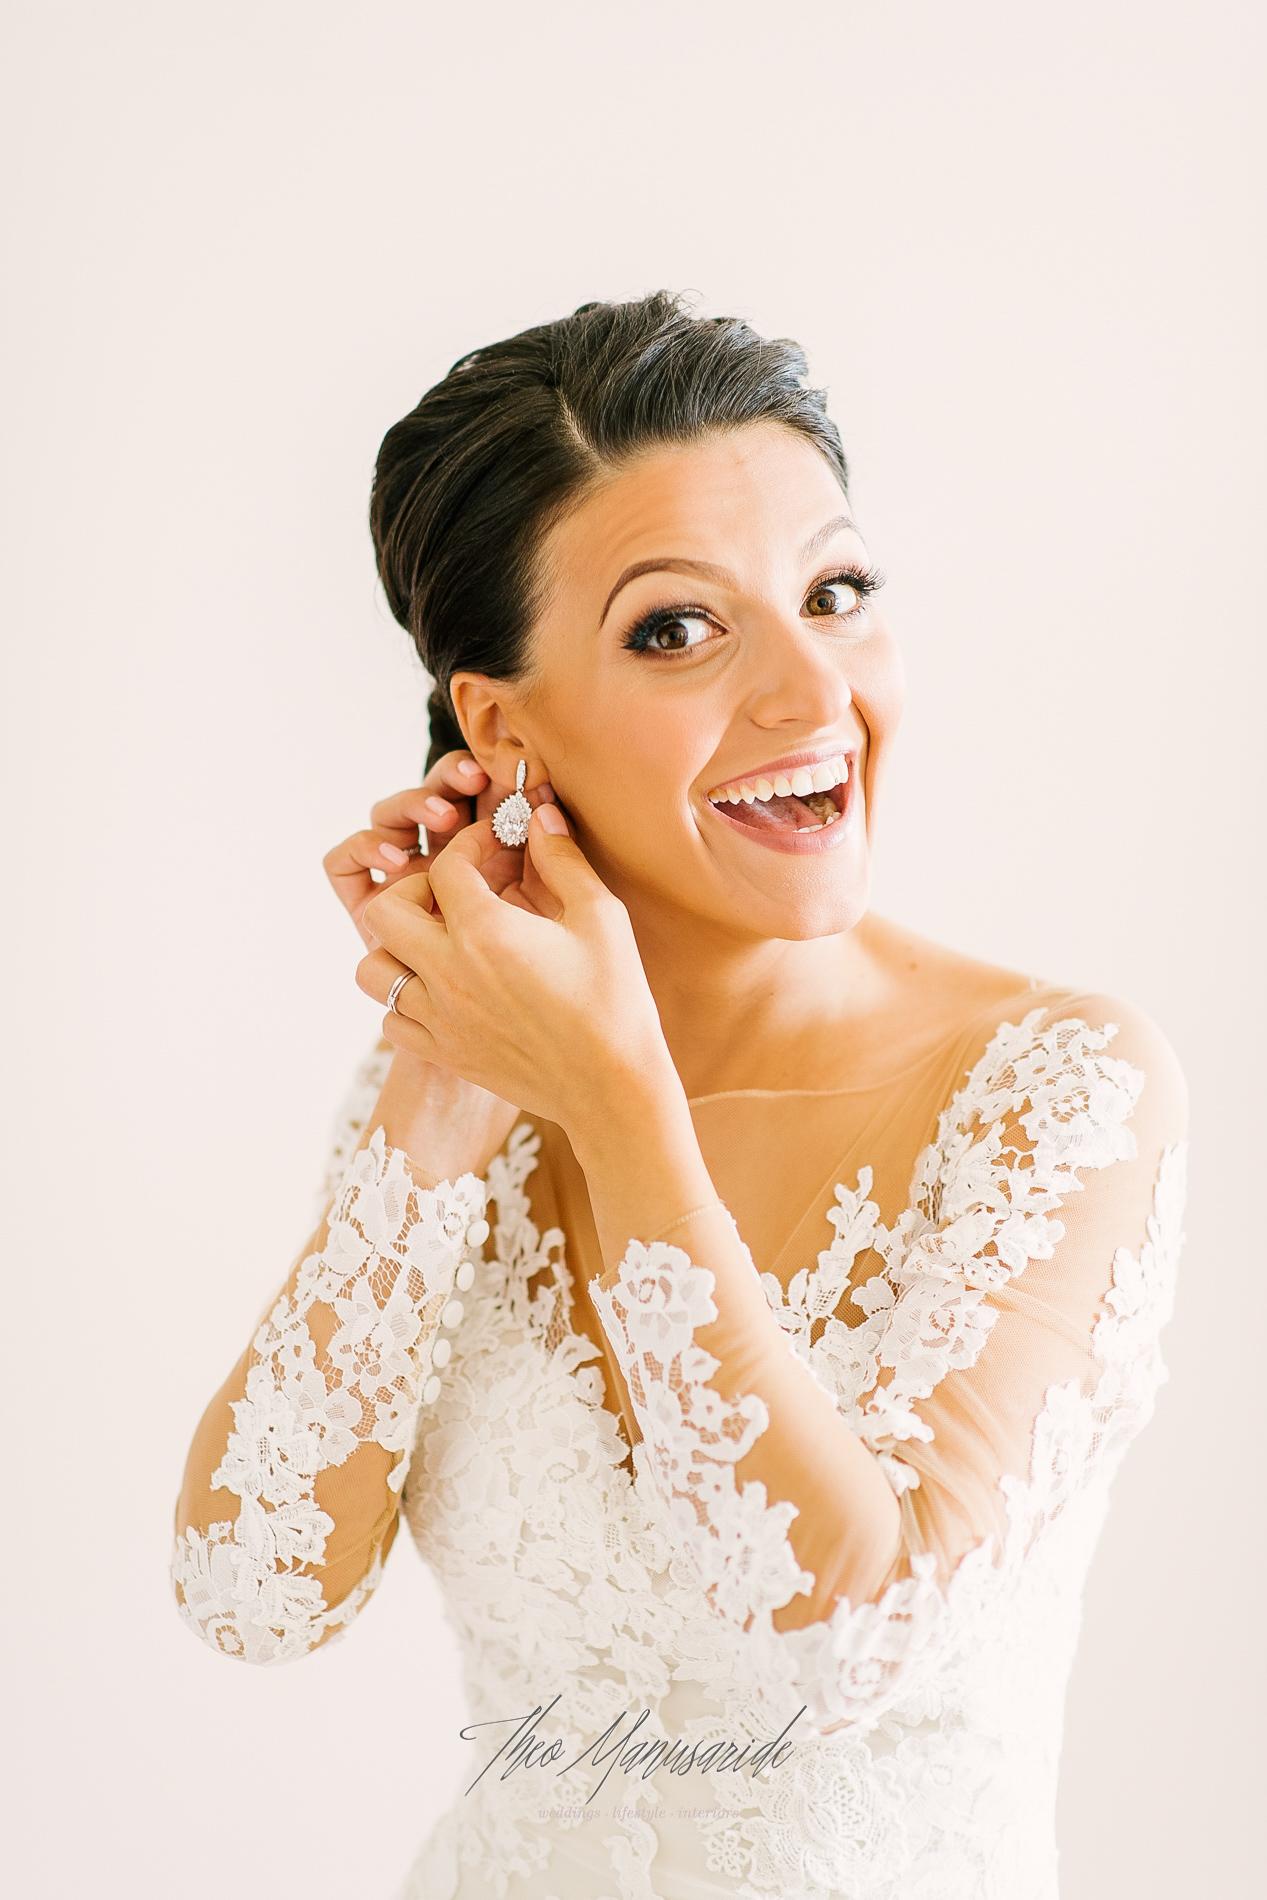 fotograf nunta biavati events-15-2